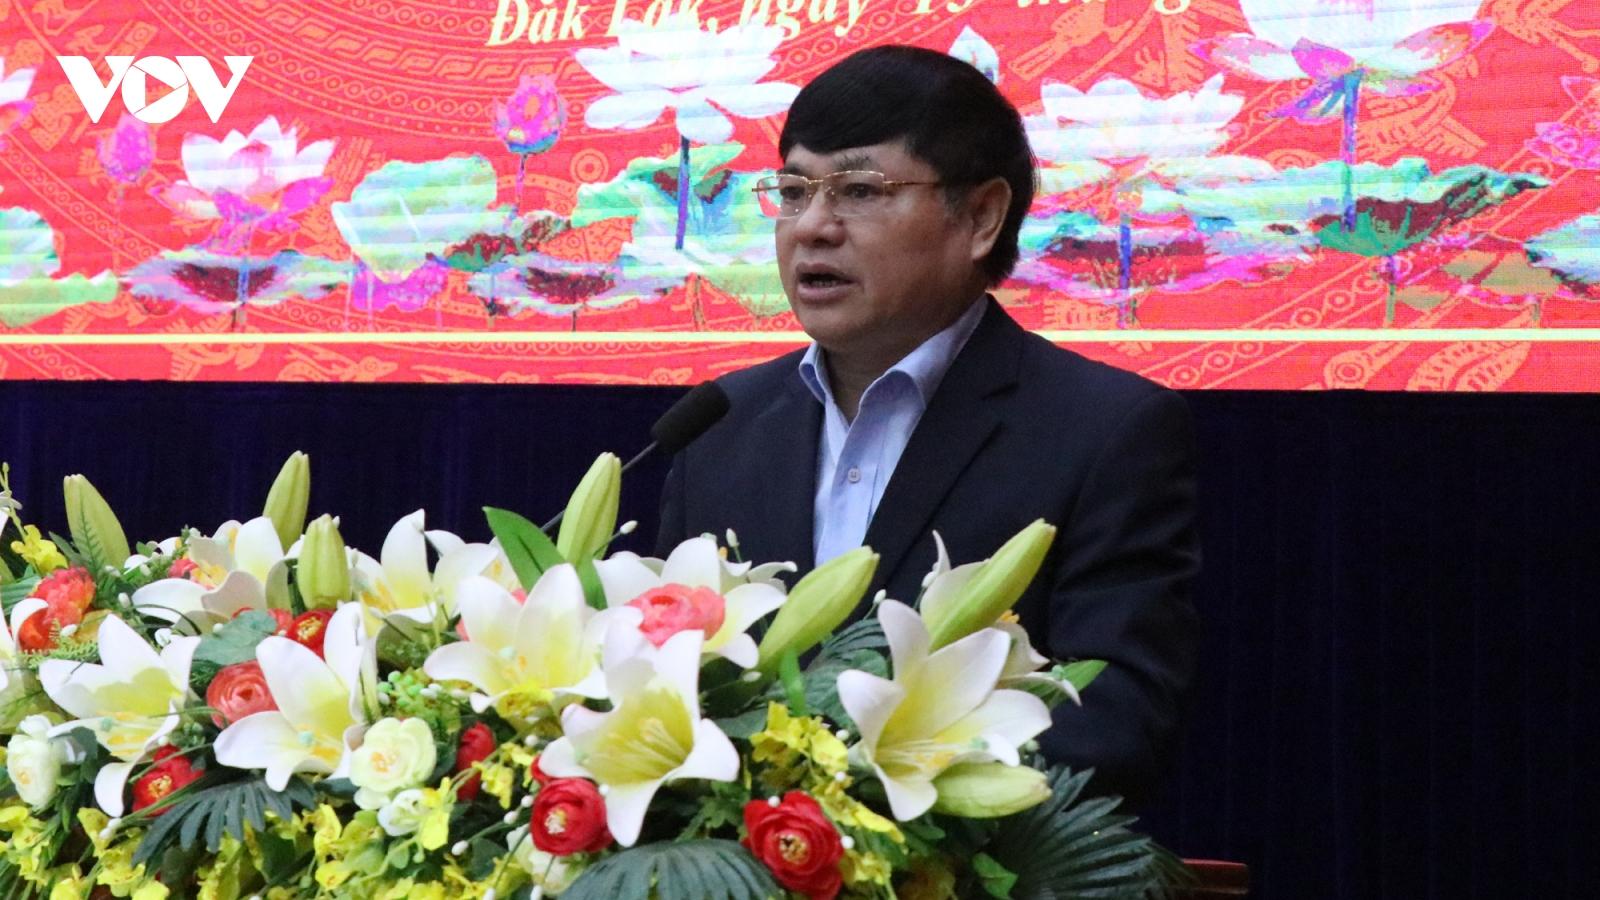 Đắk Lắk: Giải quyết khiếu nại tố cáo góp phần làm tốt công tác nhân sự bầu cử năm 2021